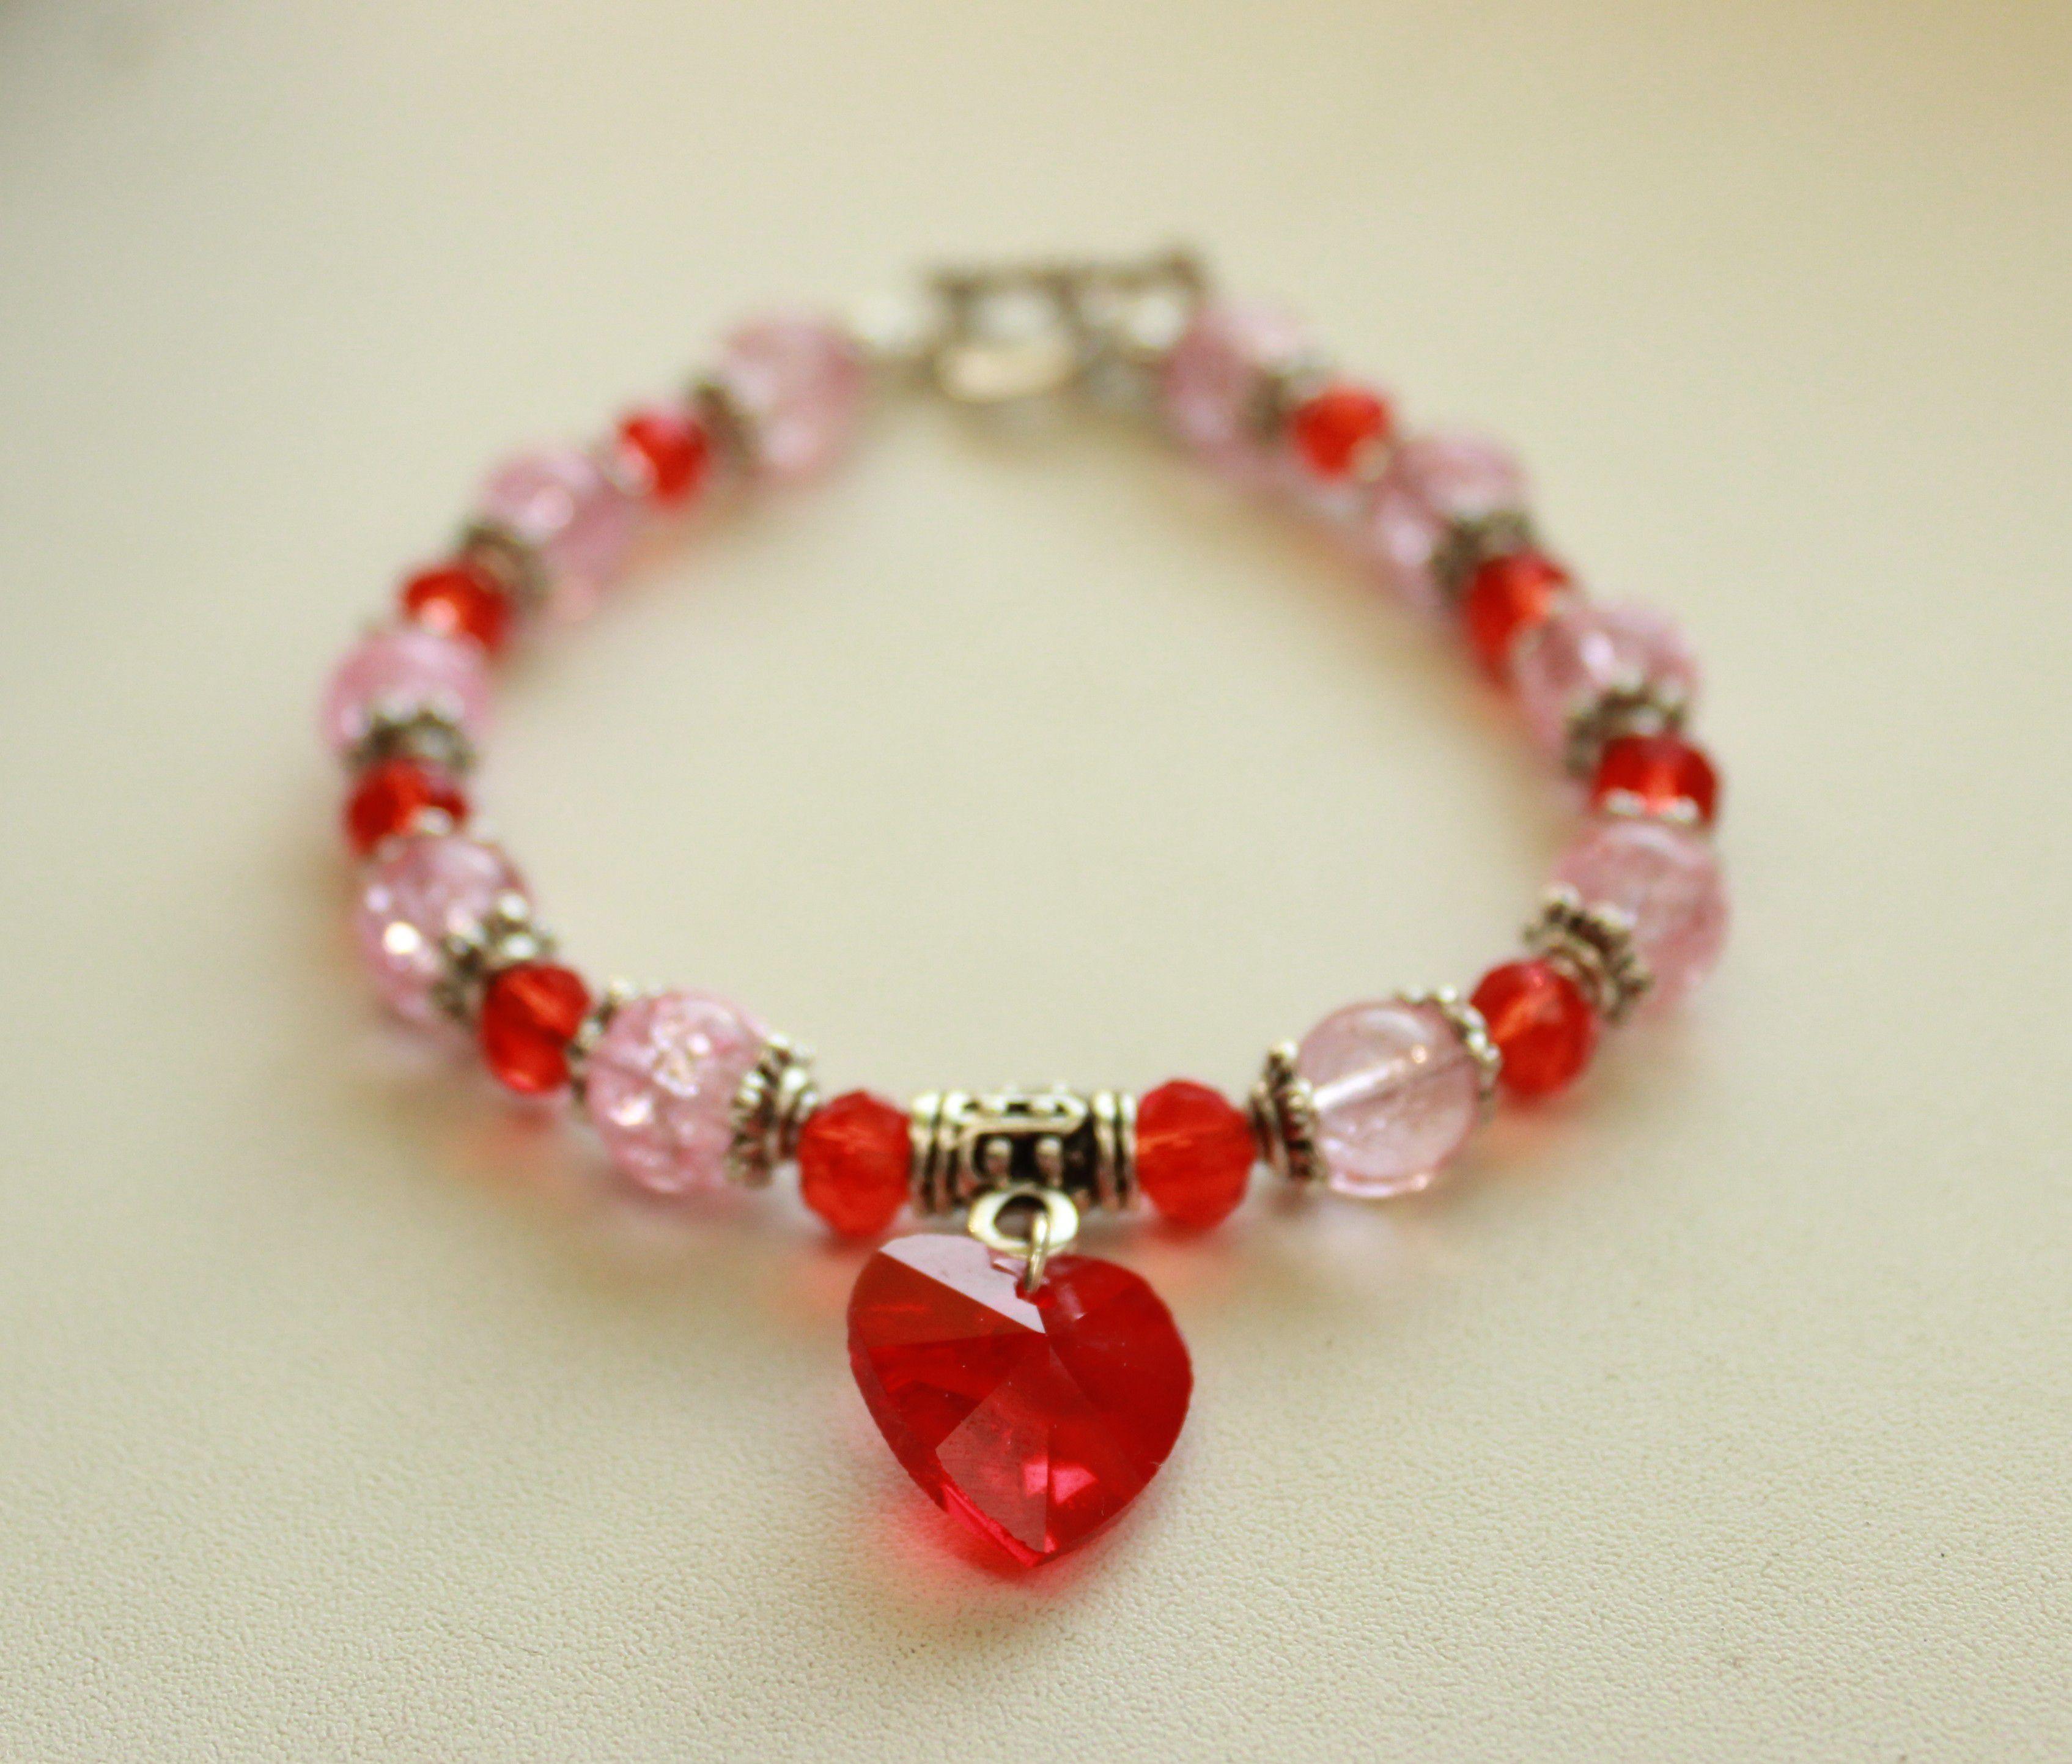 бусина нежный романтичный украшение браслет сердце бижутерия розовый яркий красный стекло